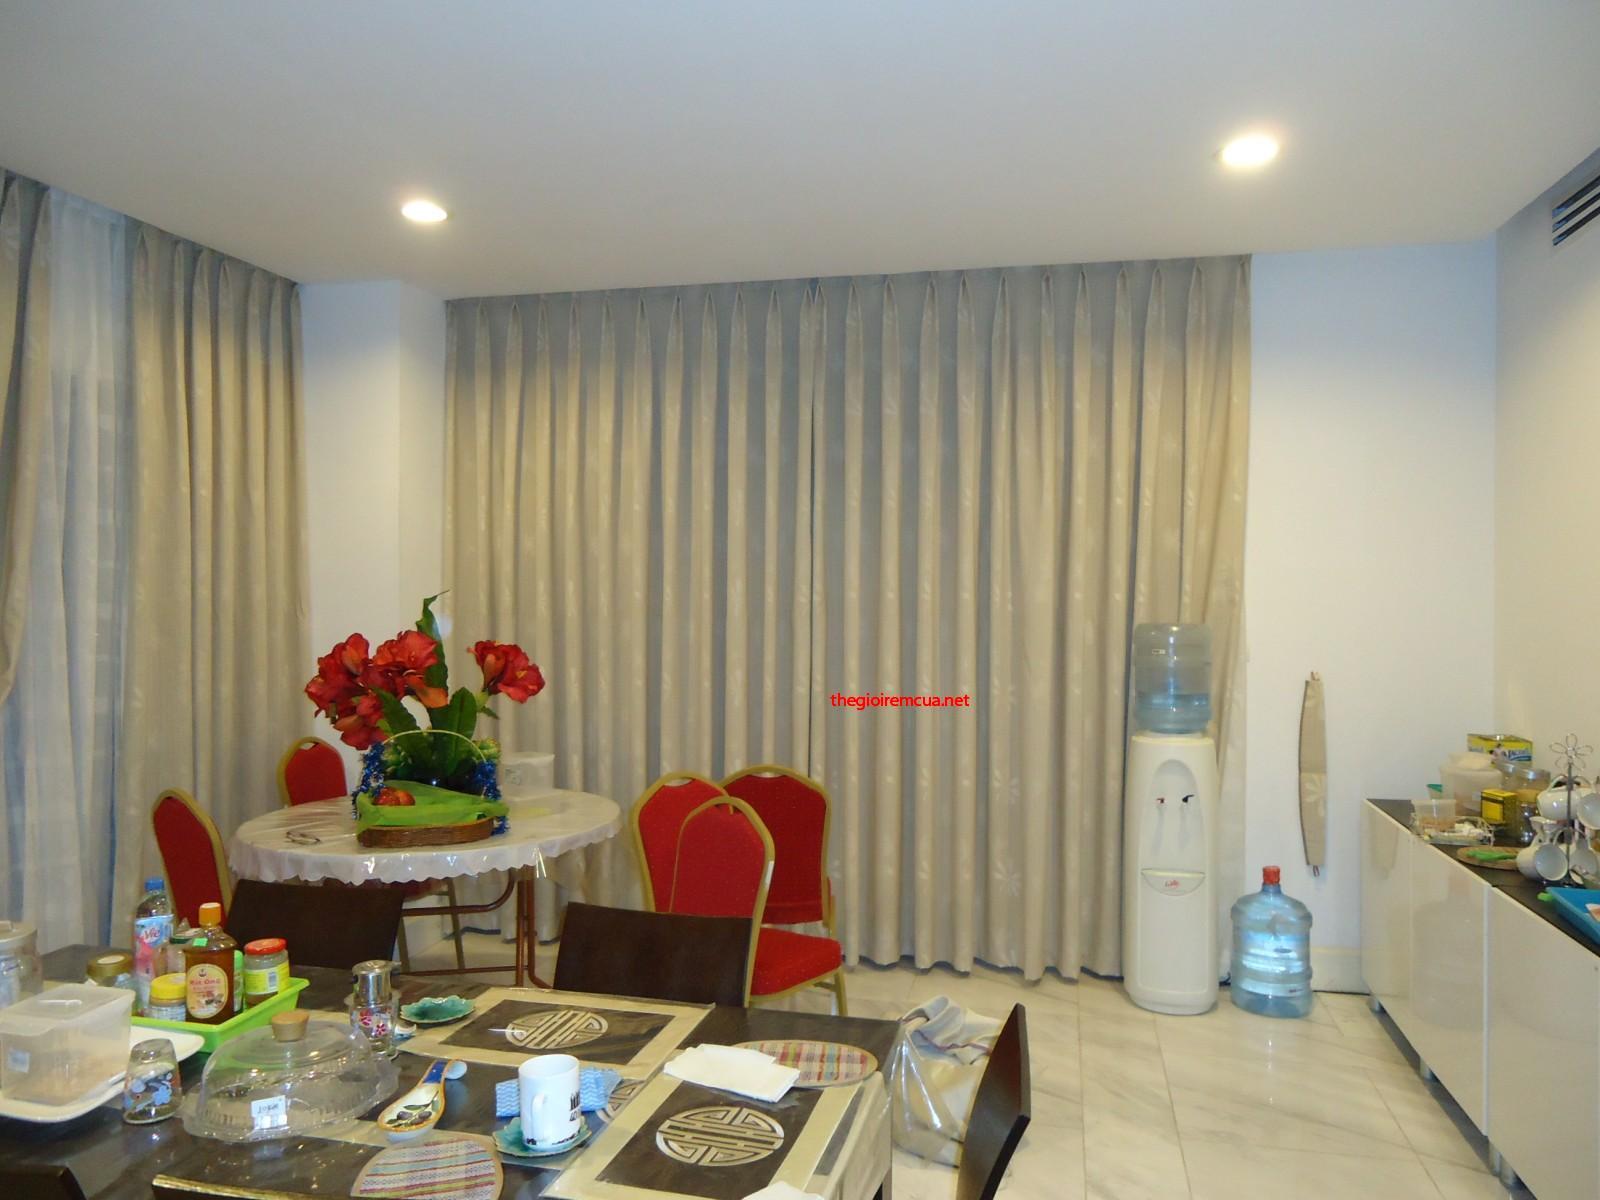 Hãy May rèm vải gấm chống nắng cản sáng cho phòng ngủ và phòng khách gia đình